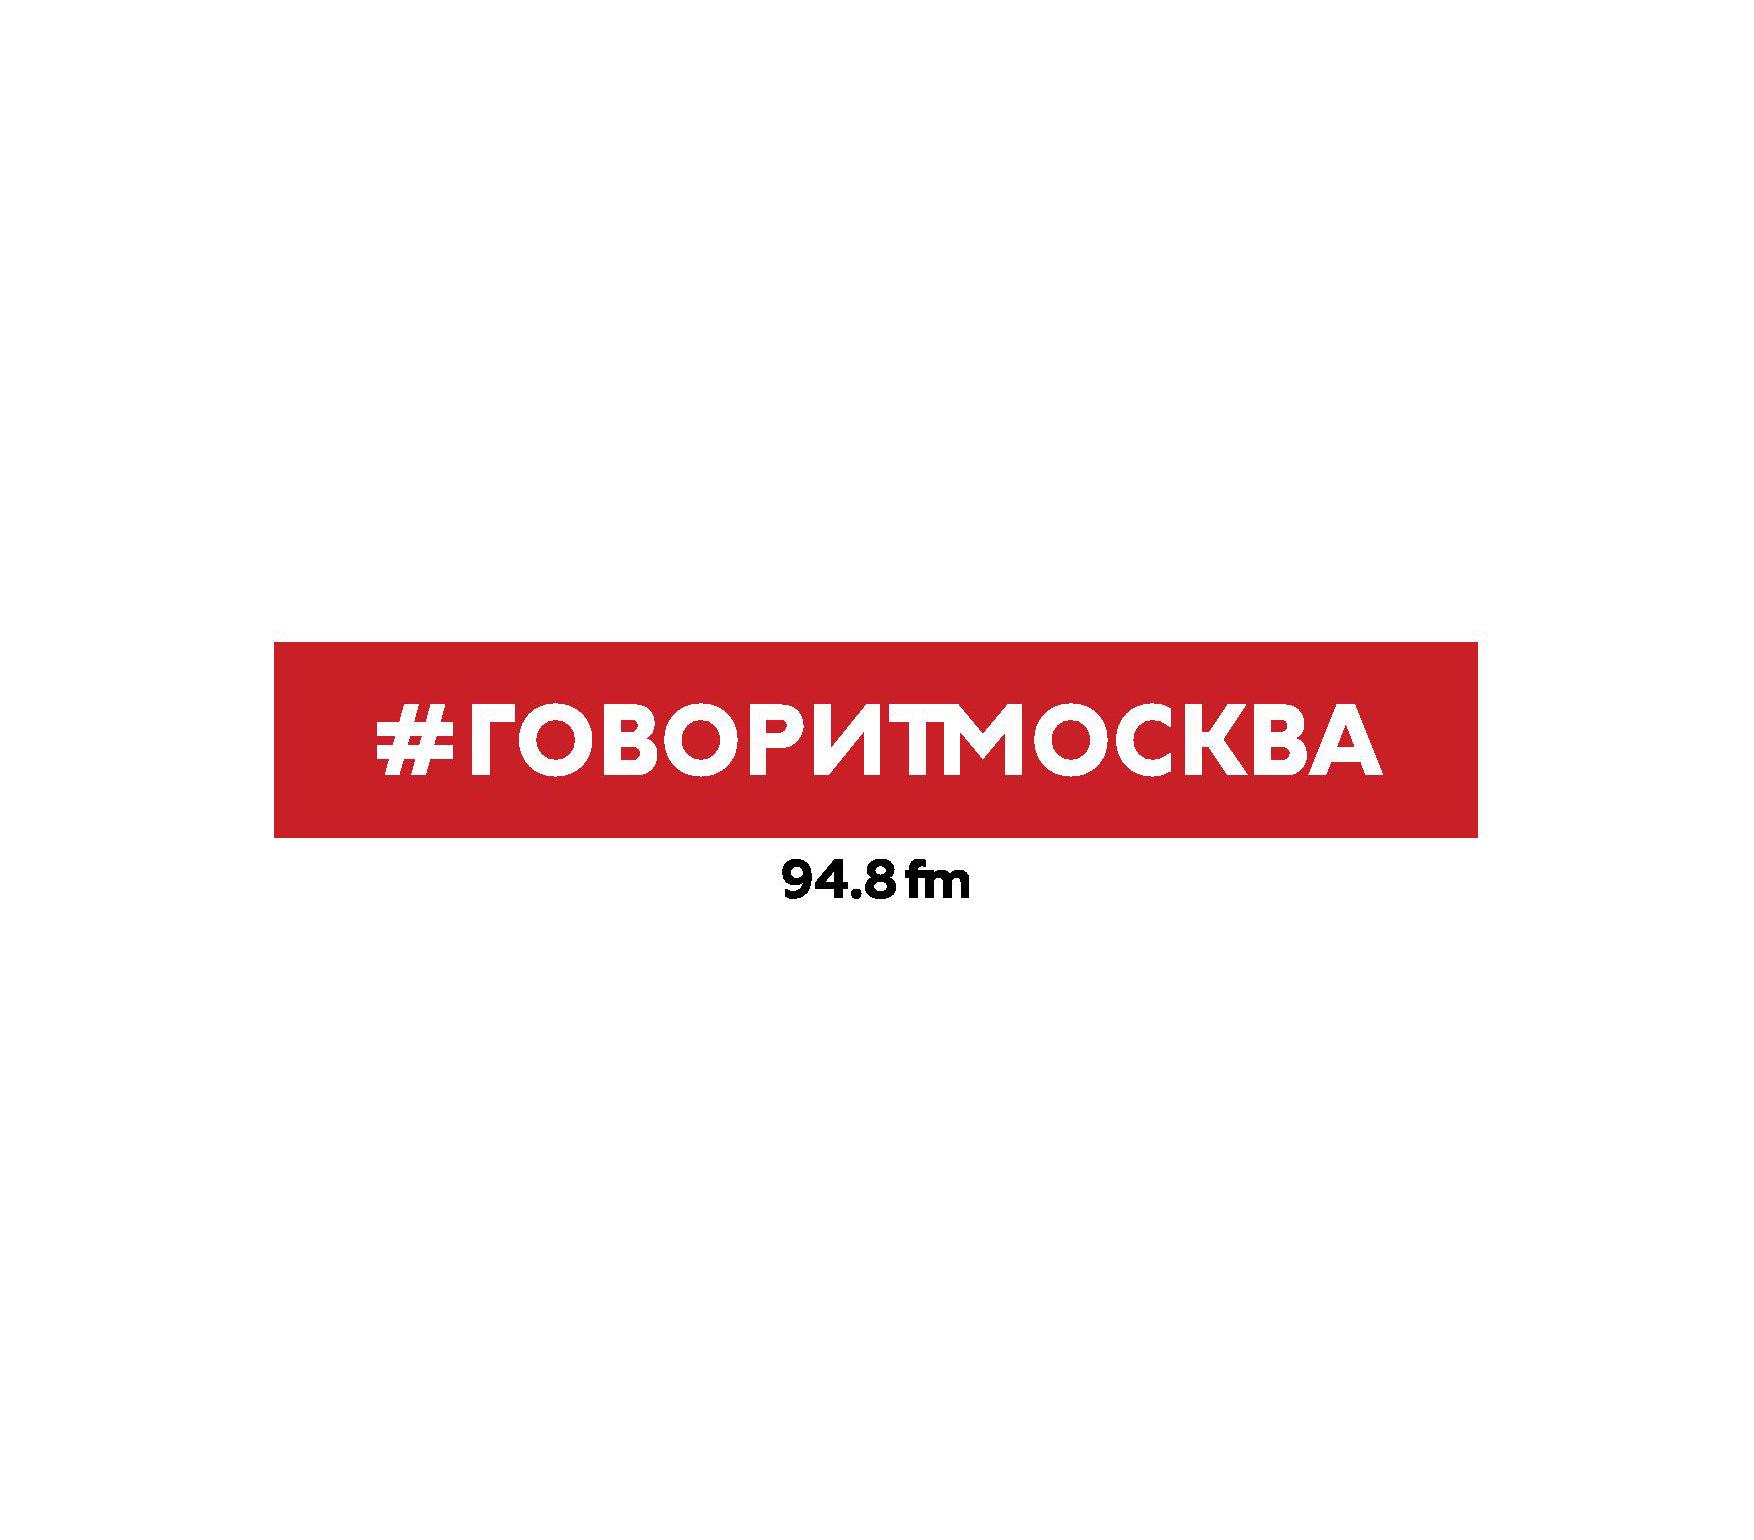 Макс Челноков 23 апреля. Елена Лукьянова макс челноков 14 апреля андрей орлов